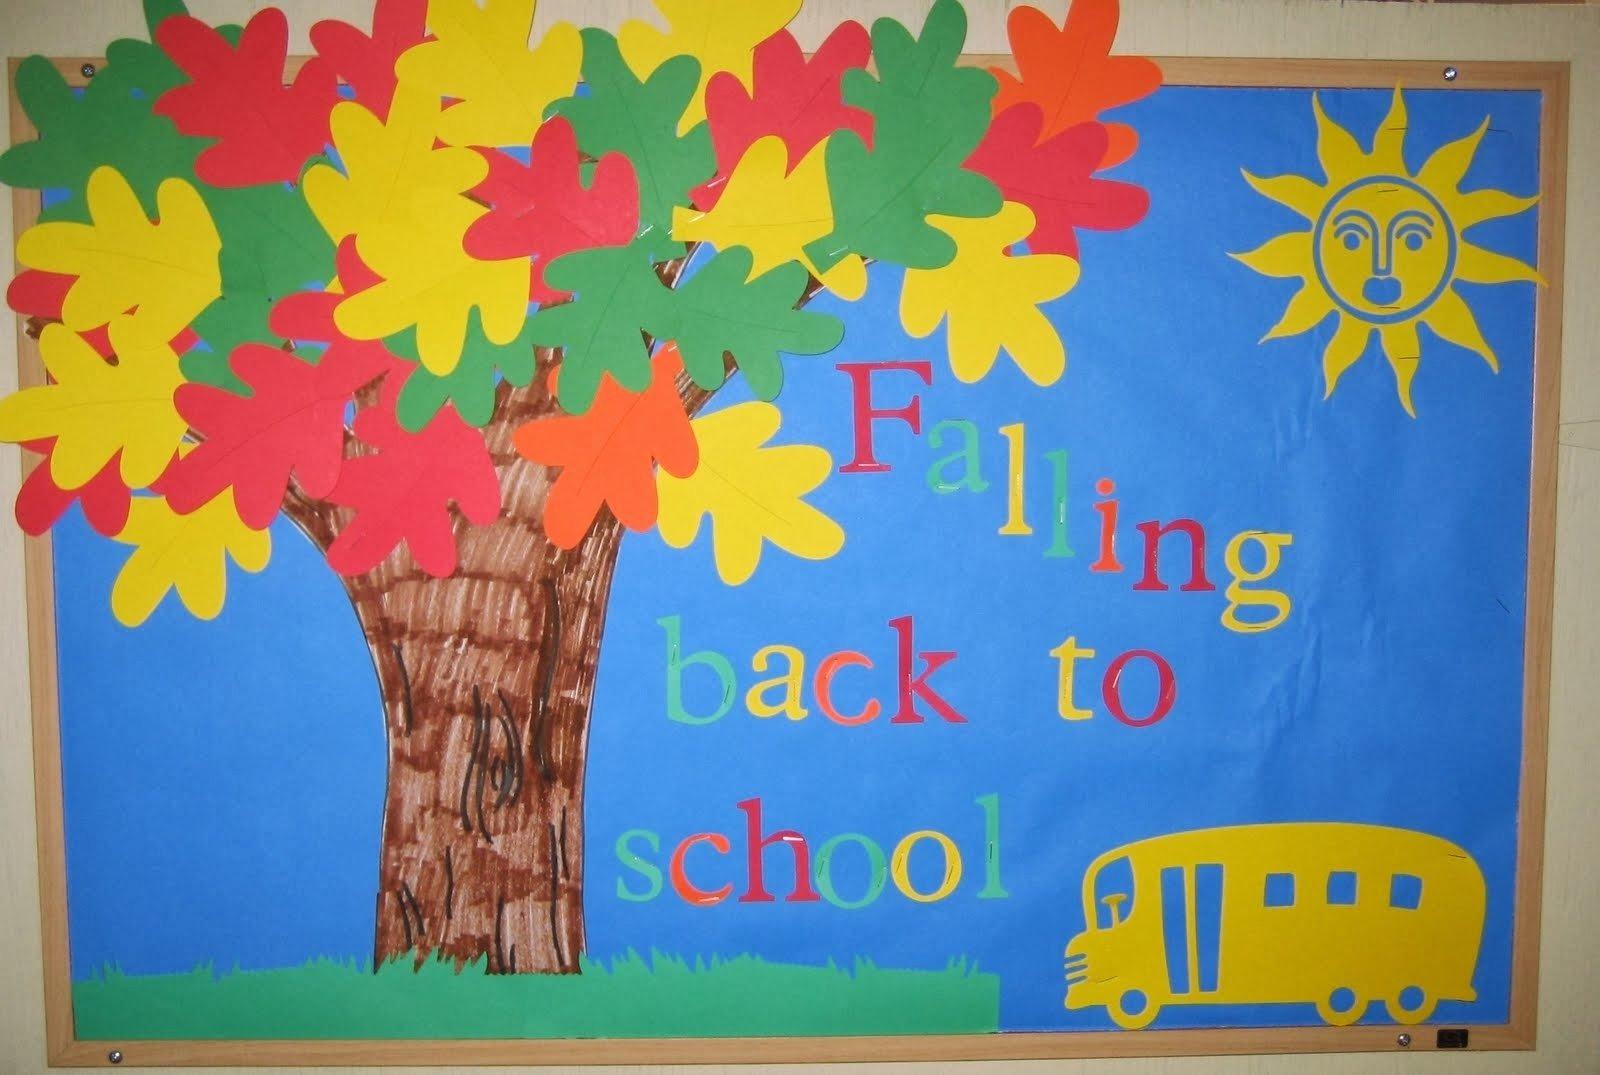 10 Elegant Bulletin Board Ideas For Back To School primary education board back to school bulletin board ideas 1 2021